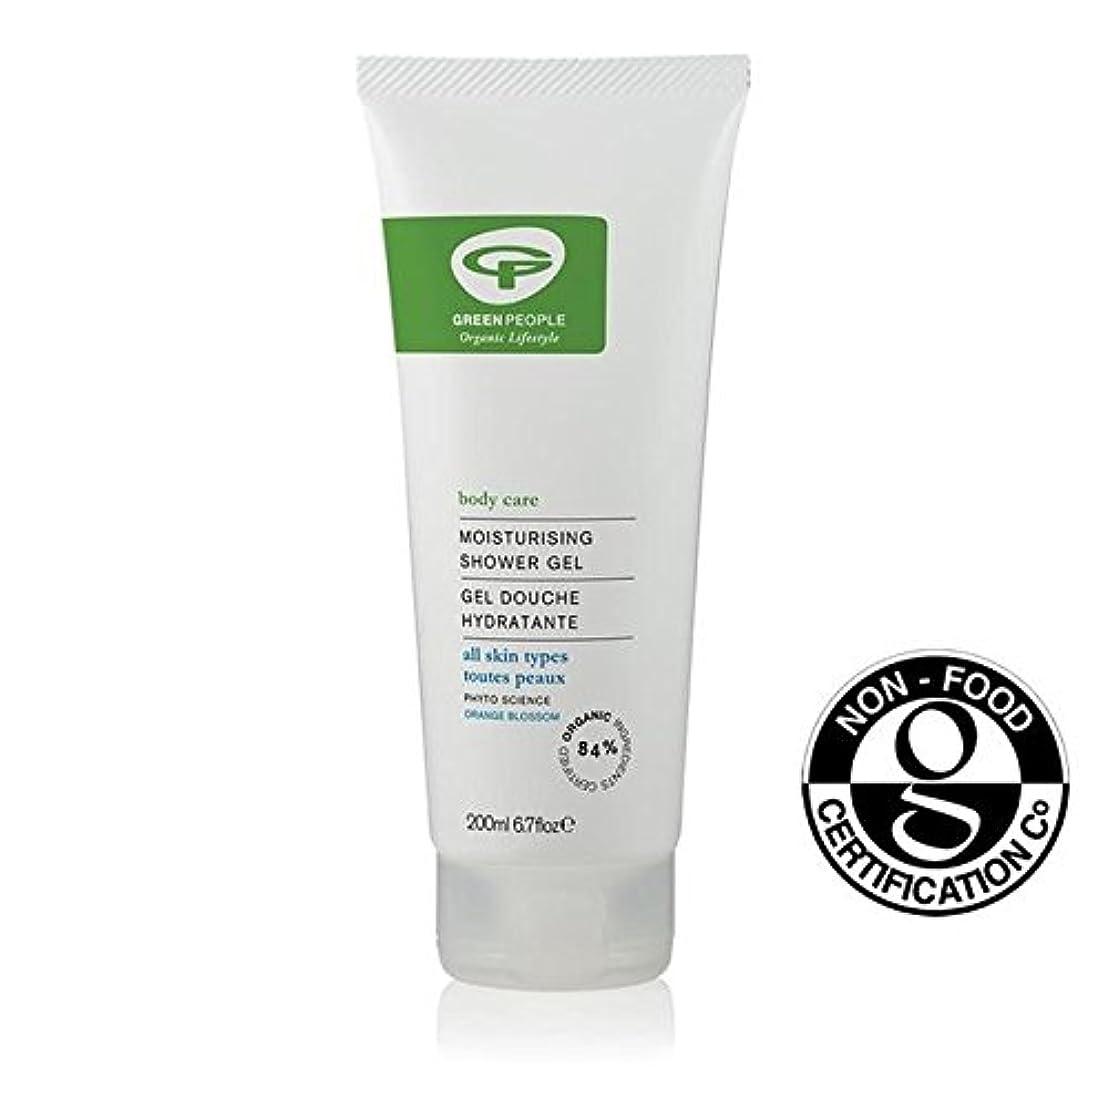 クラシカル薬を飲むバージン緑の人々の有機保湿シャワージェル200 x4 - Green People Organic Moisturising Shower Gel 200ml (Pack of 4) [並行輸入品]